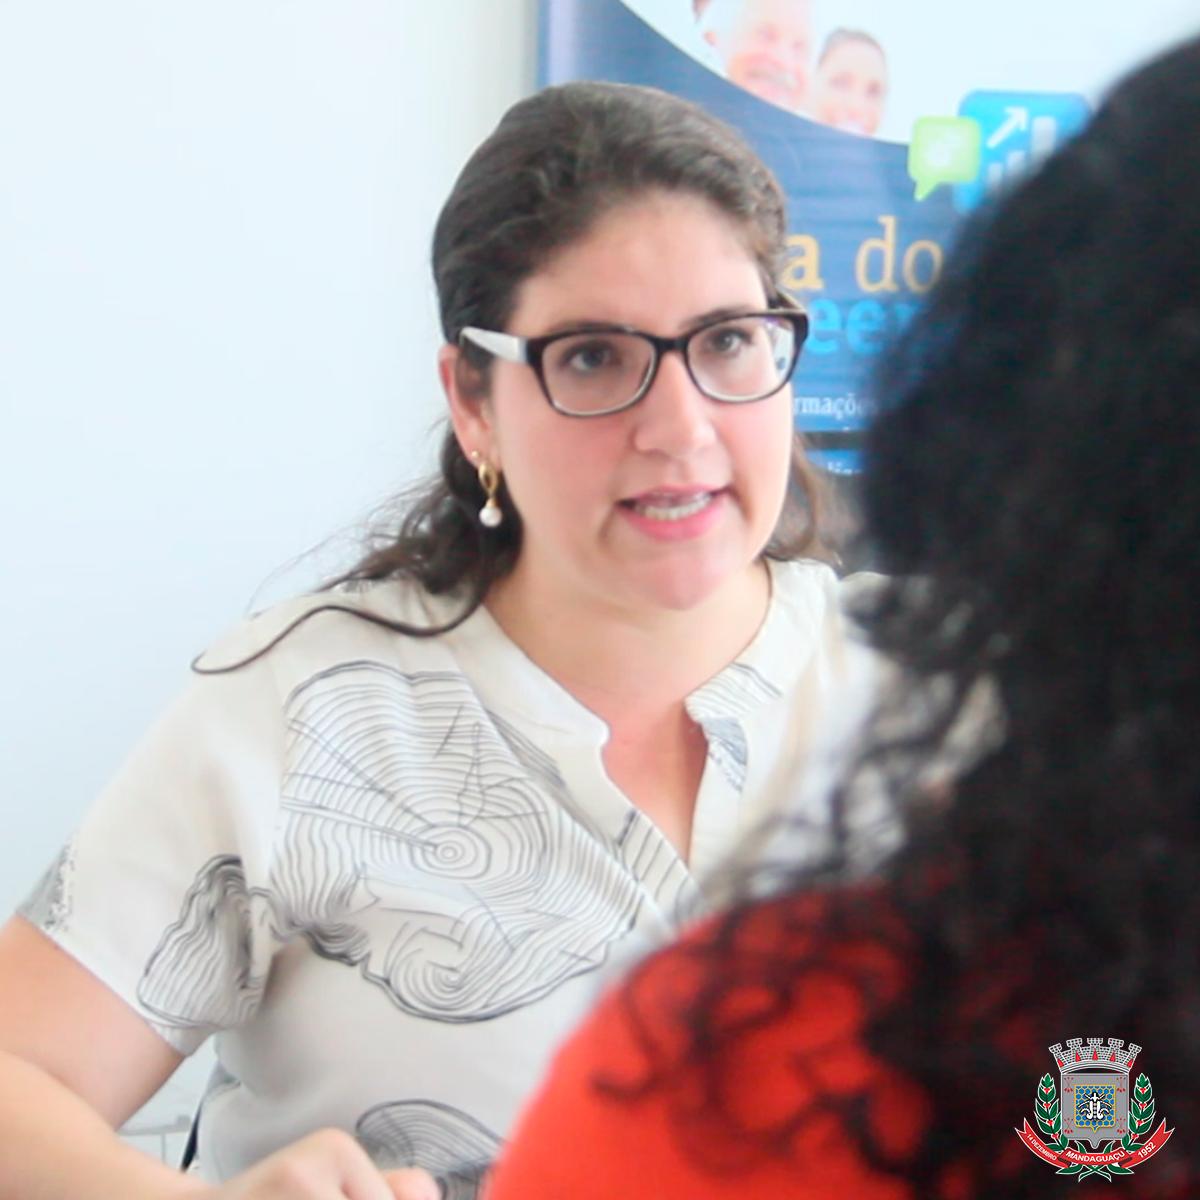 Sala do Empreendedor conquista saldo positivo de atendimentos em Mandaguaçu